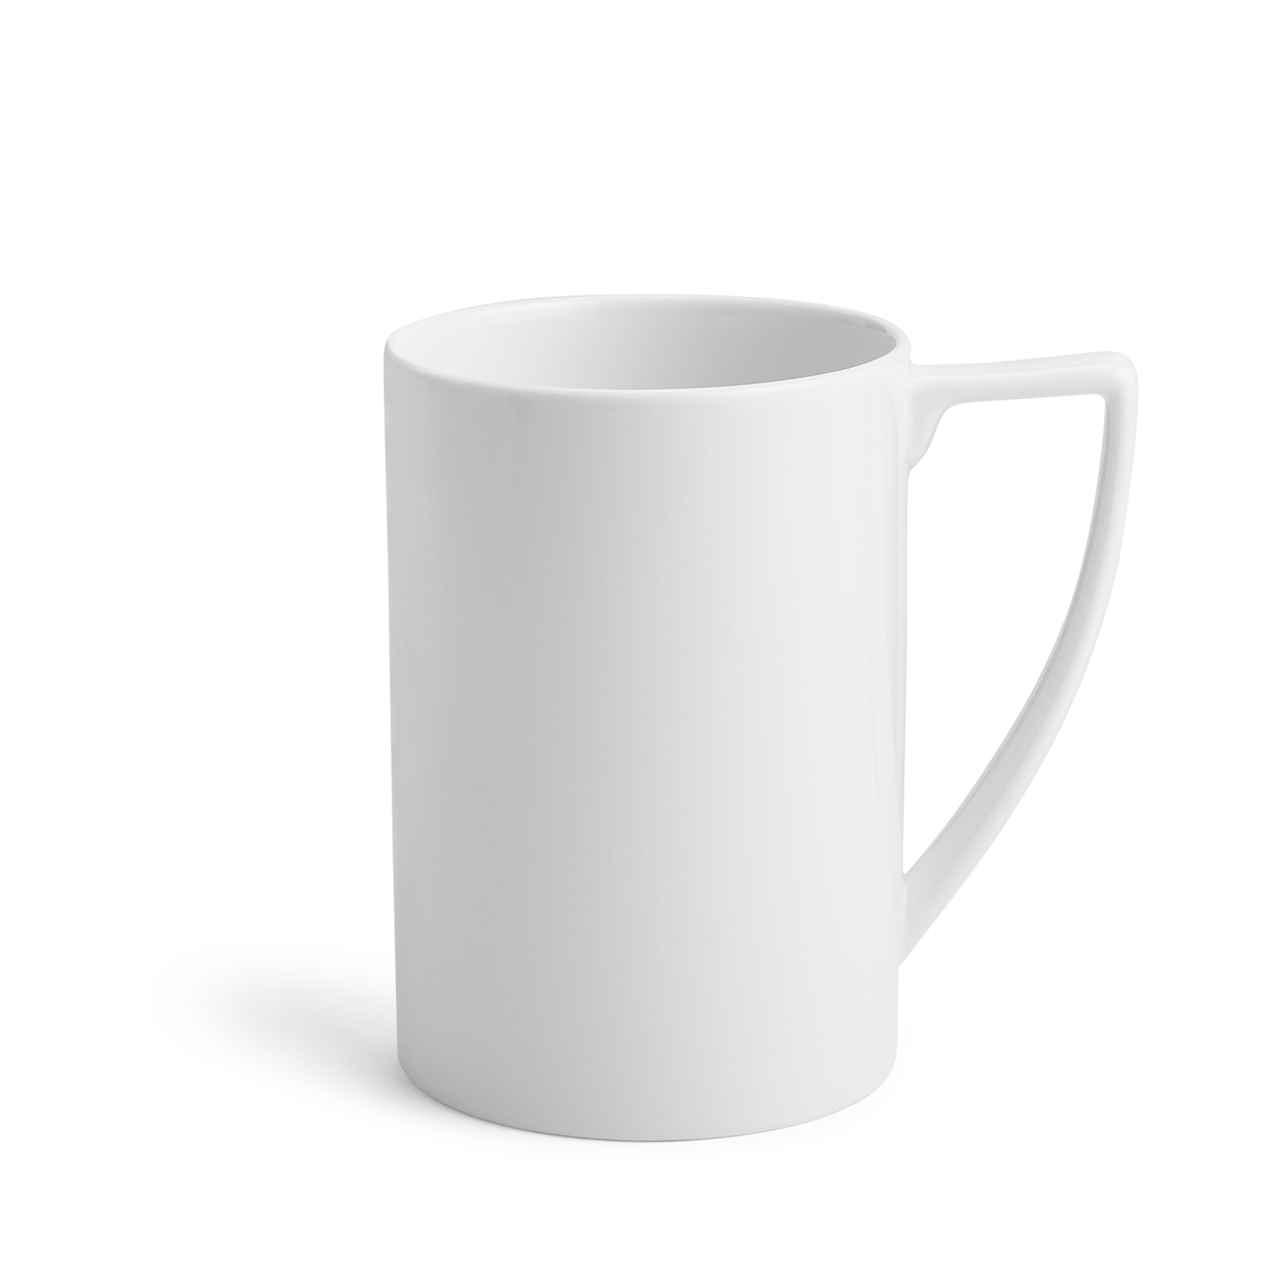 Jasper Conran White Mug Large